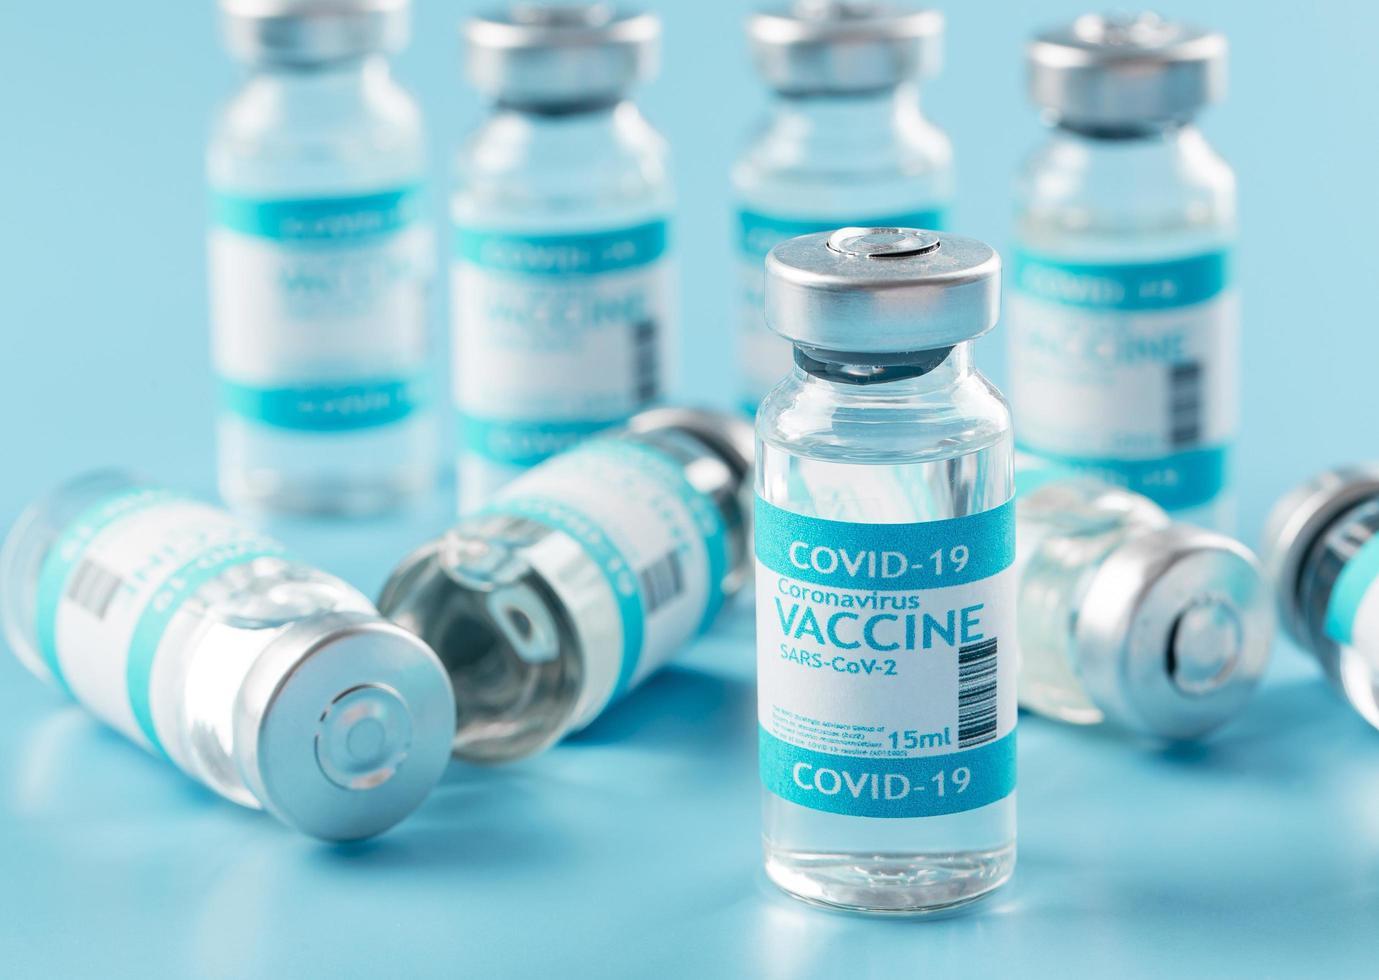 flacone di vaccino preventivo contro il coronavirus foto